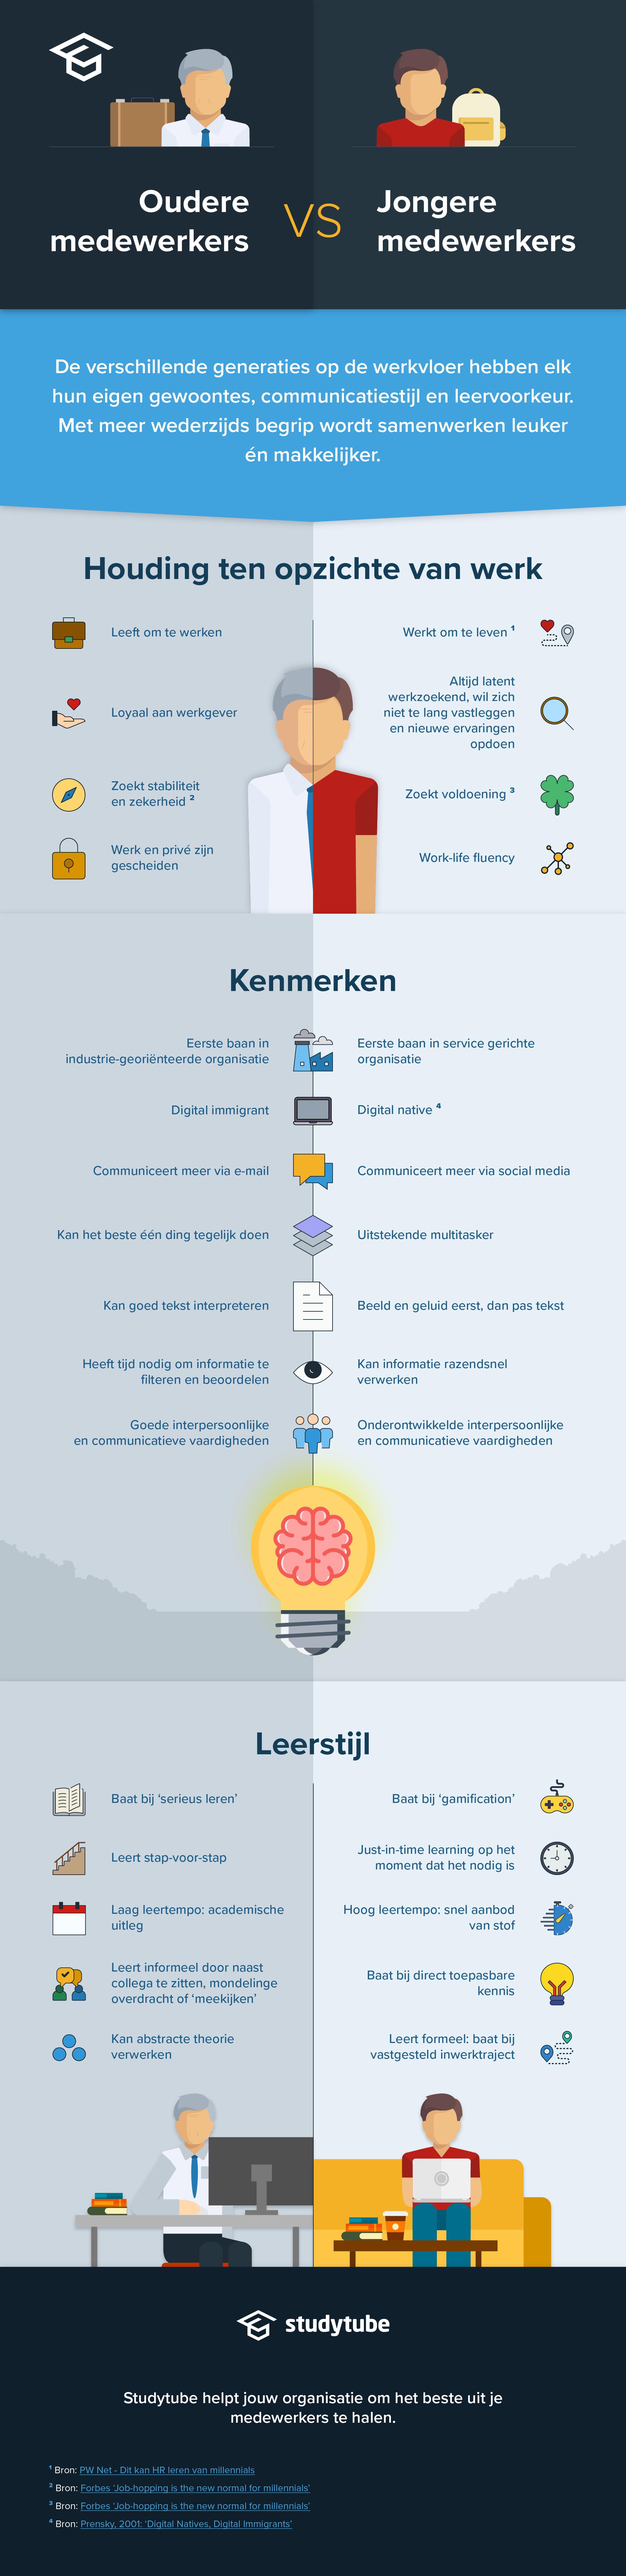 blog-infographic-Verschillen-tussen-jonge-en-oudere-medewerkers